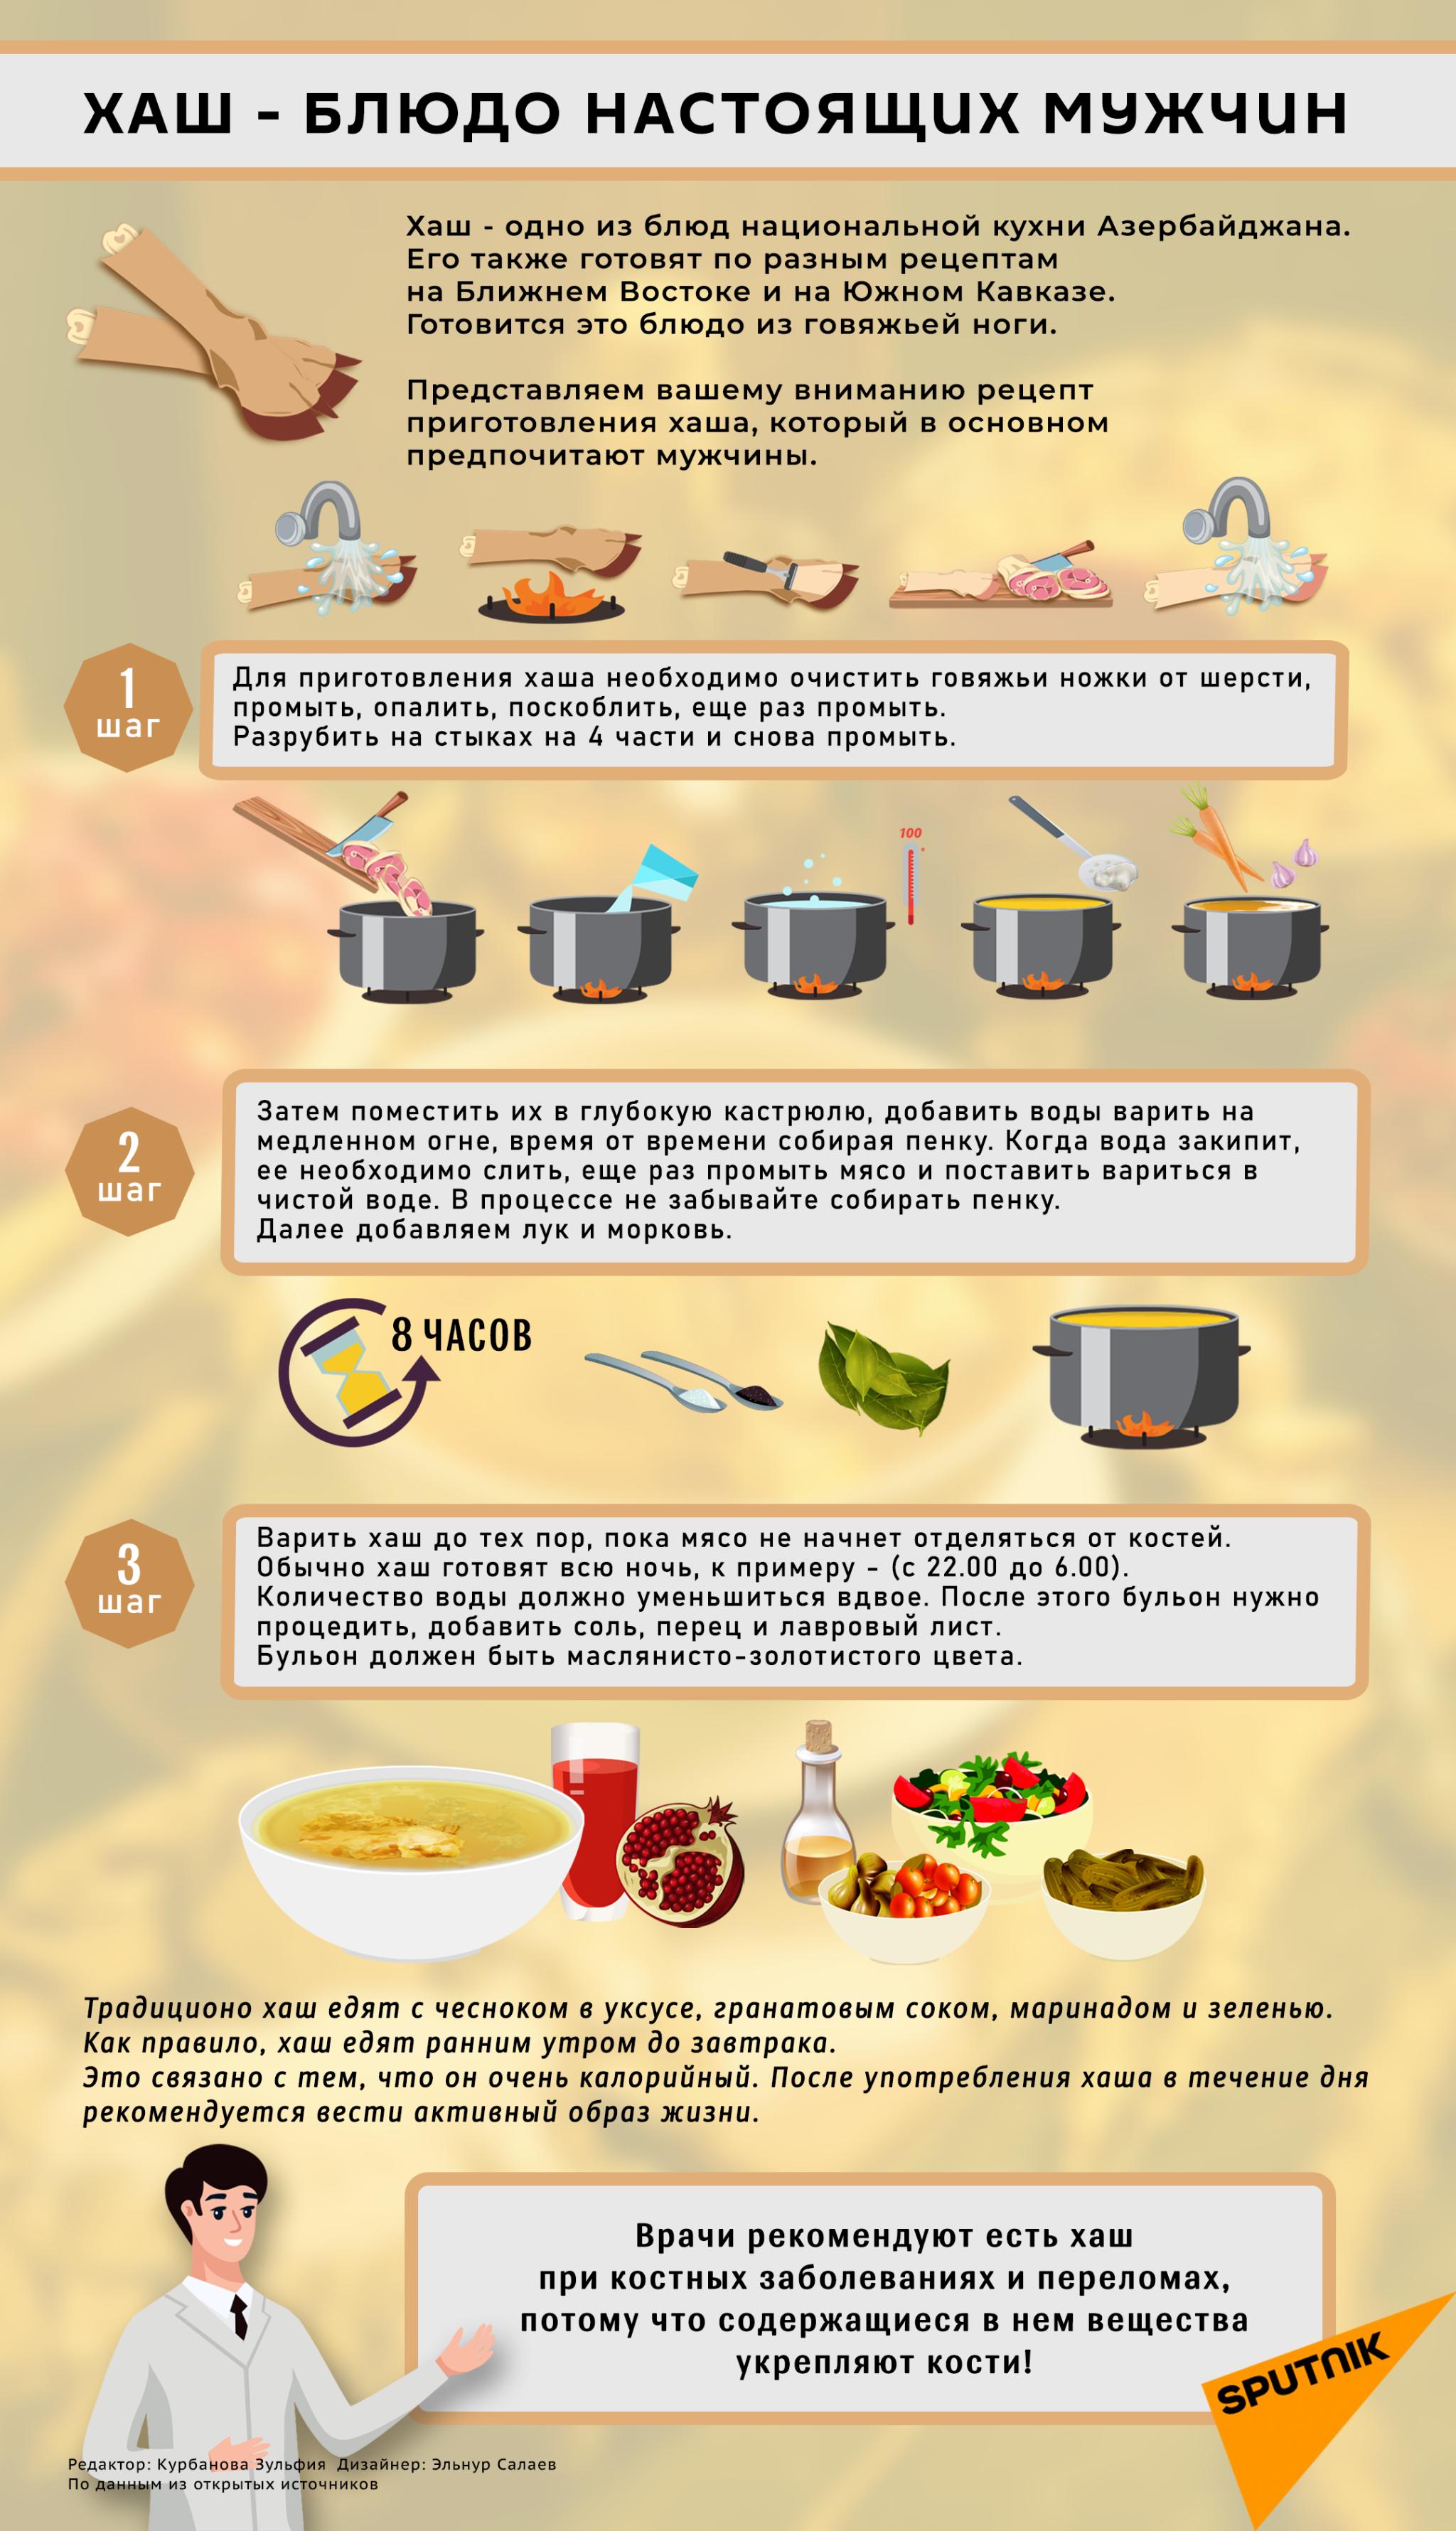 Инфографика: Приготовление хаша